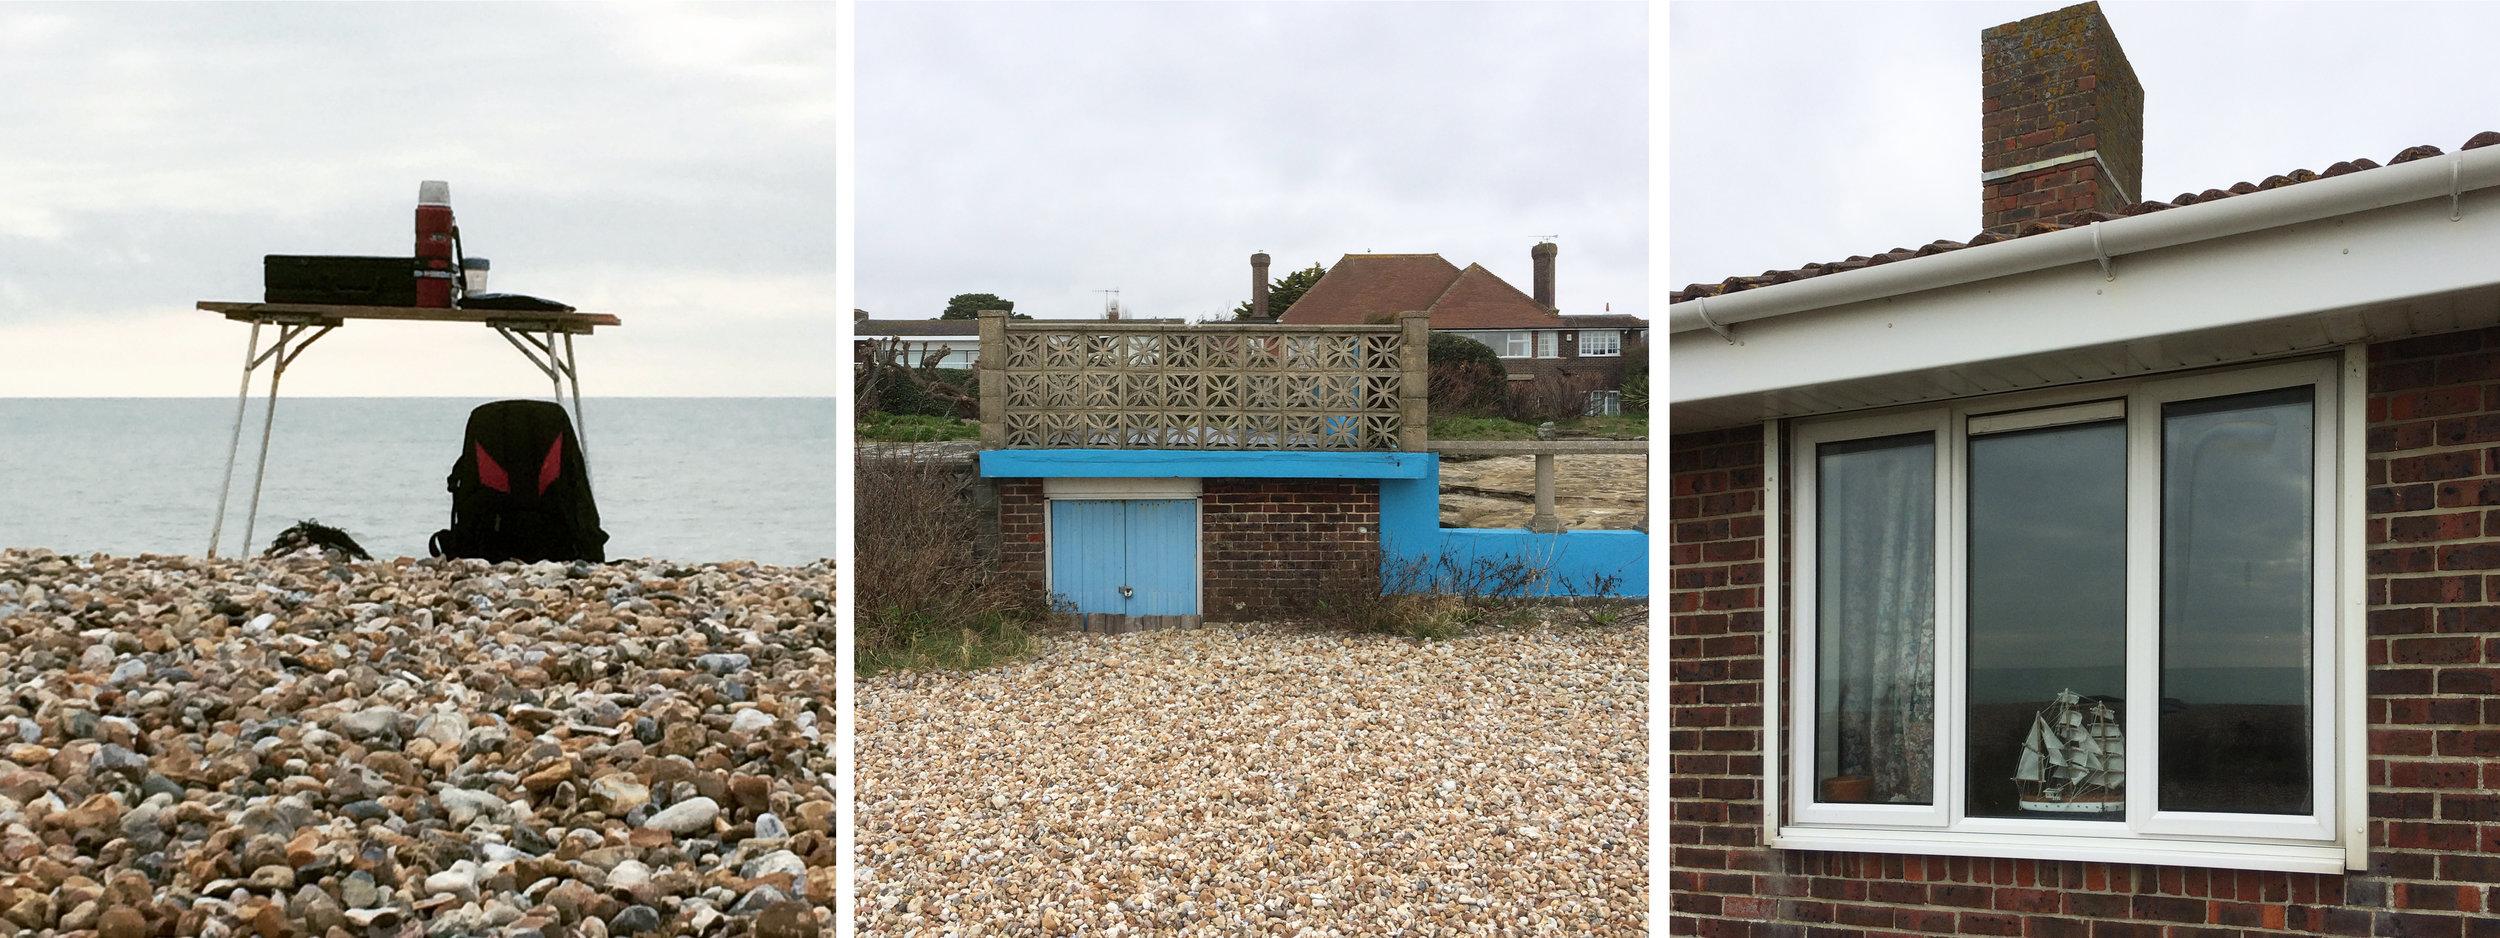 Pagham: seaside coffee break, seaside architecture, seaside window.